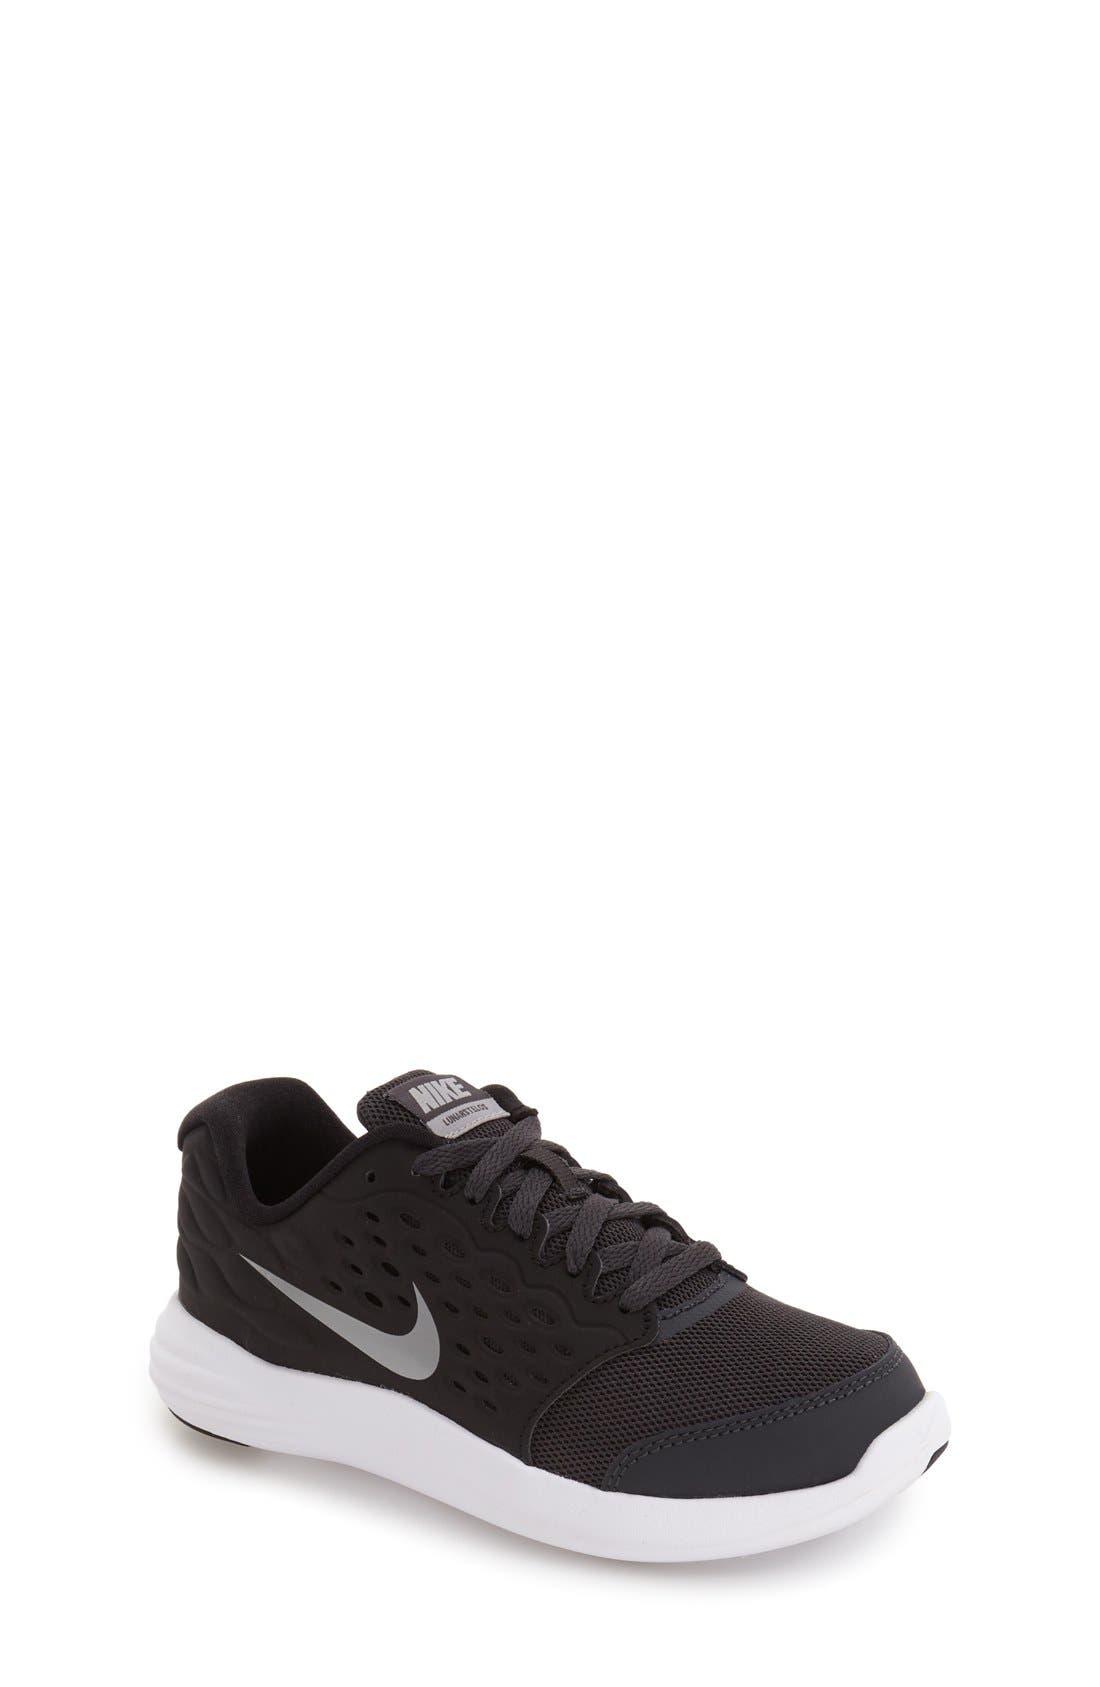 NIKE Lunarstelos Sneaker